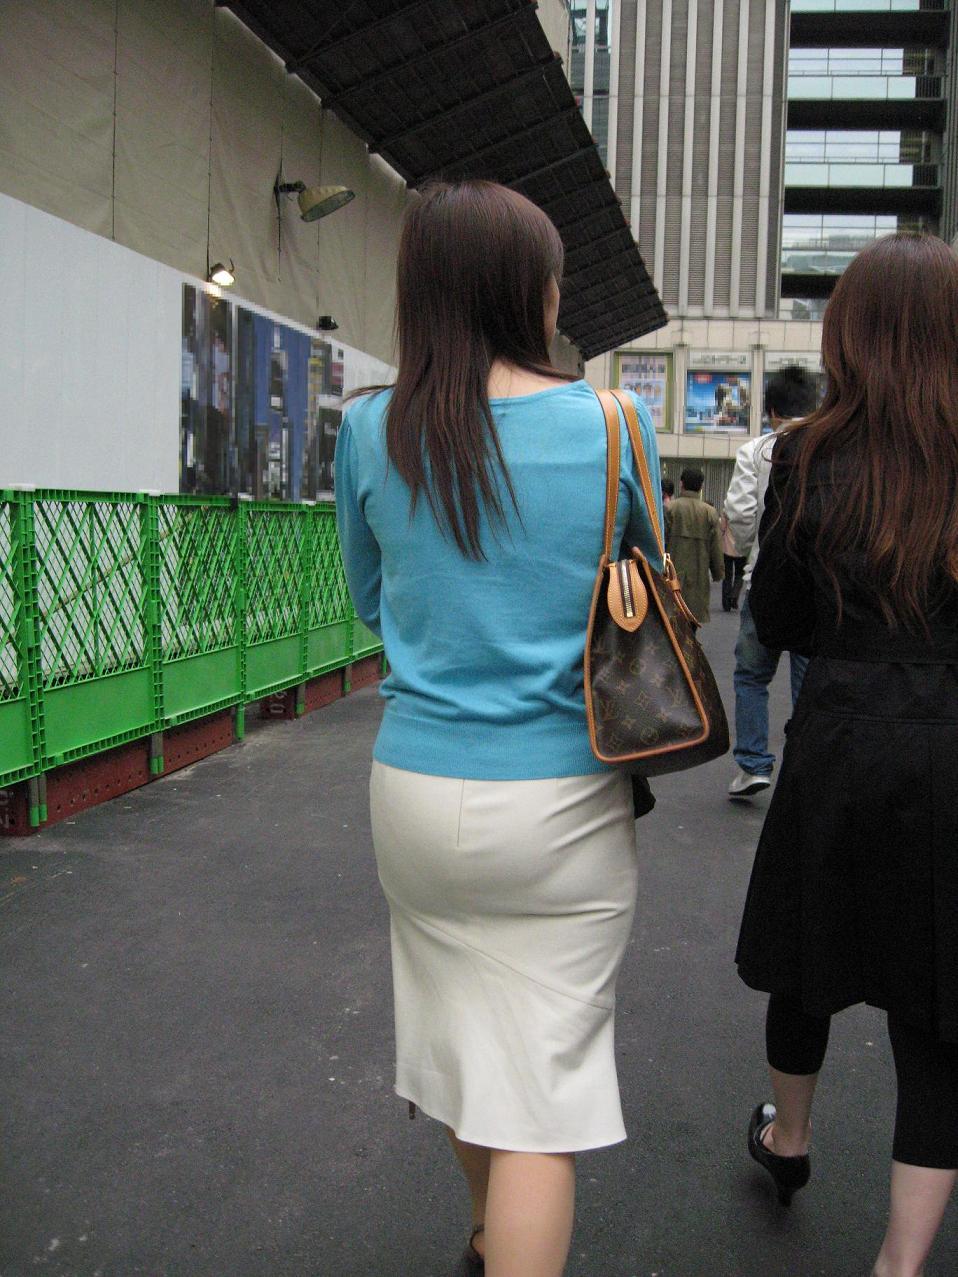 プリ尻タイトスカート無防備な背後から盗撮したOL2枚目